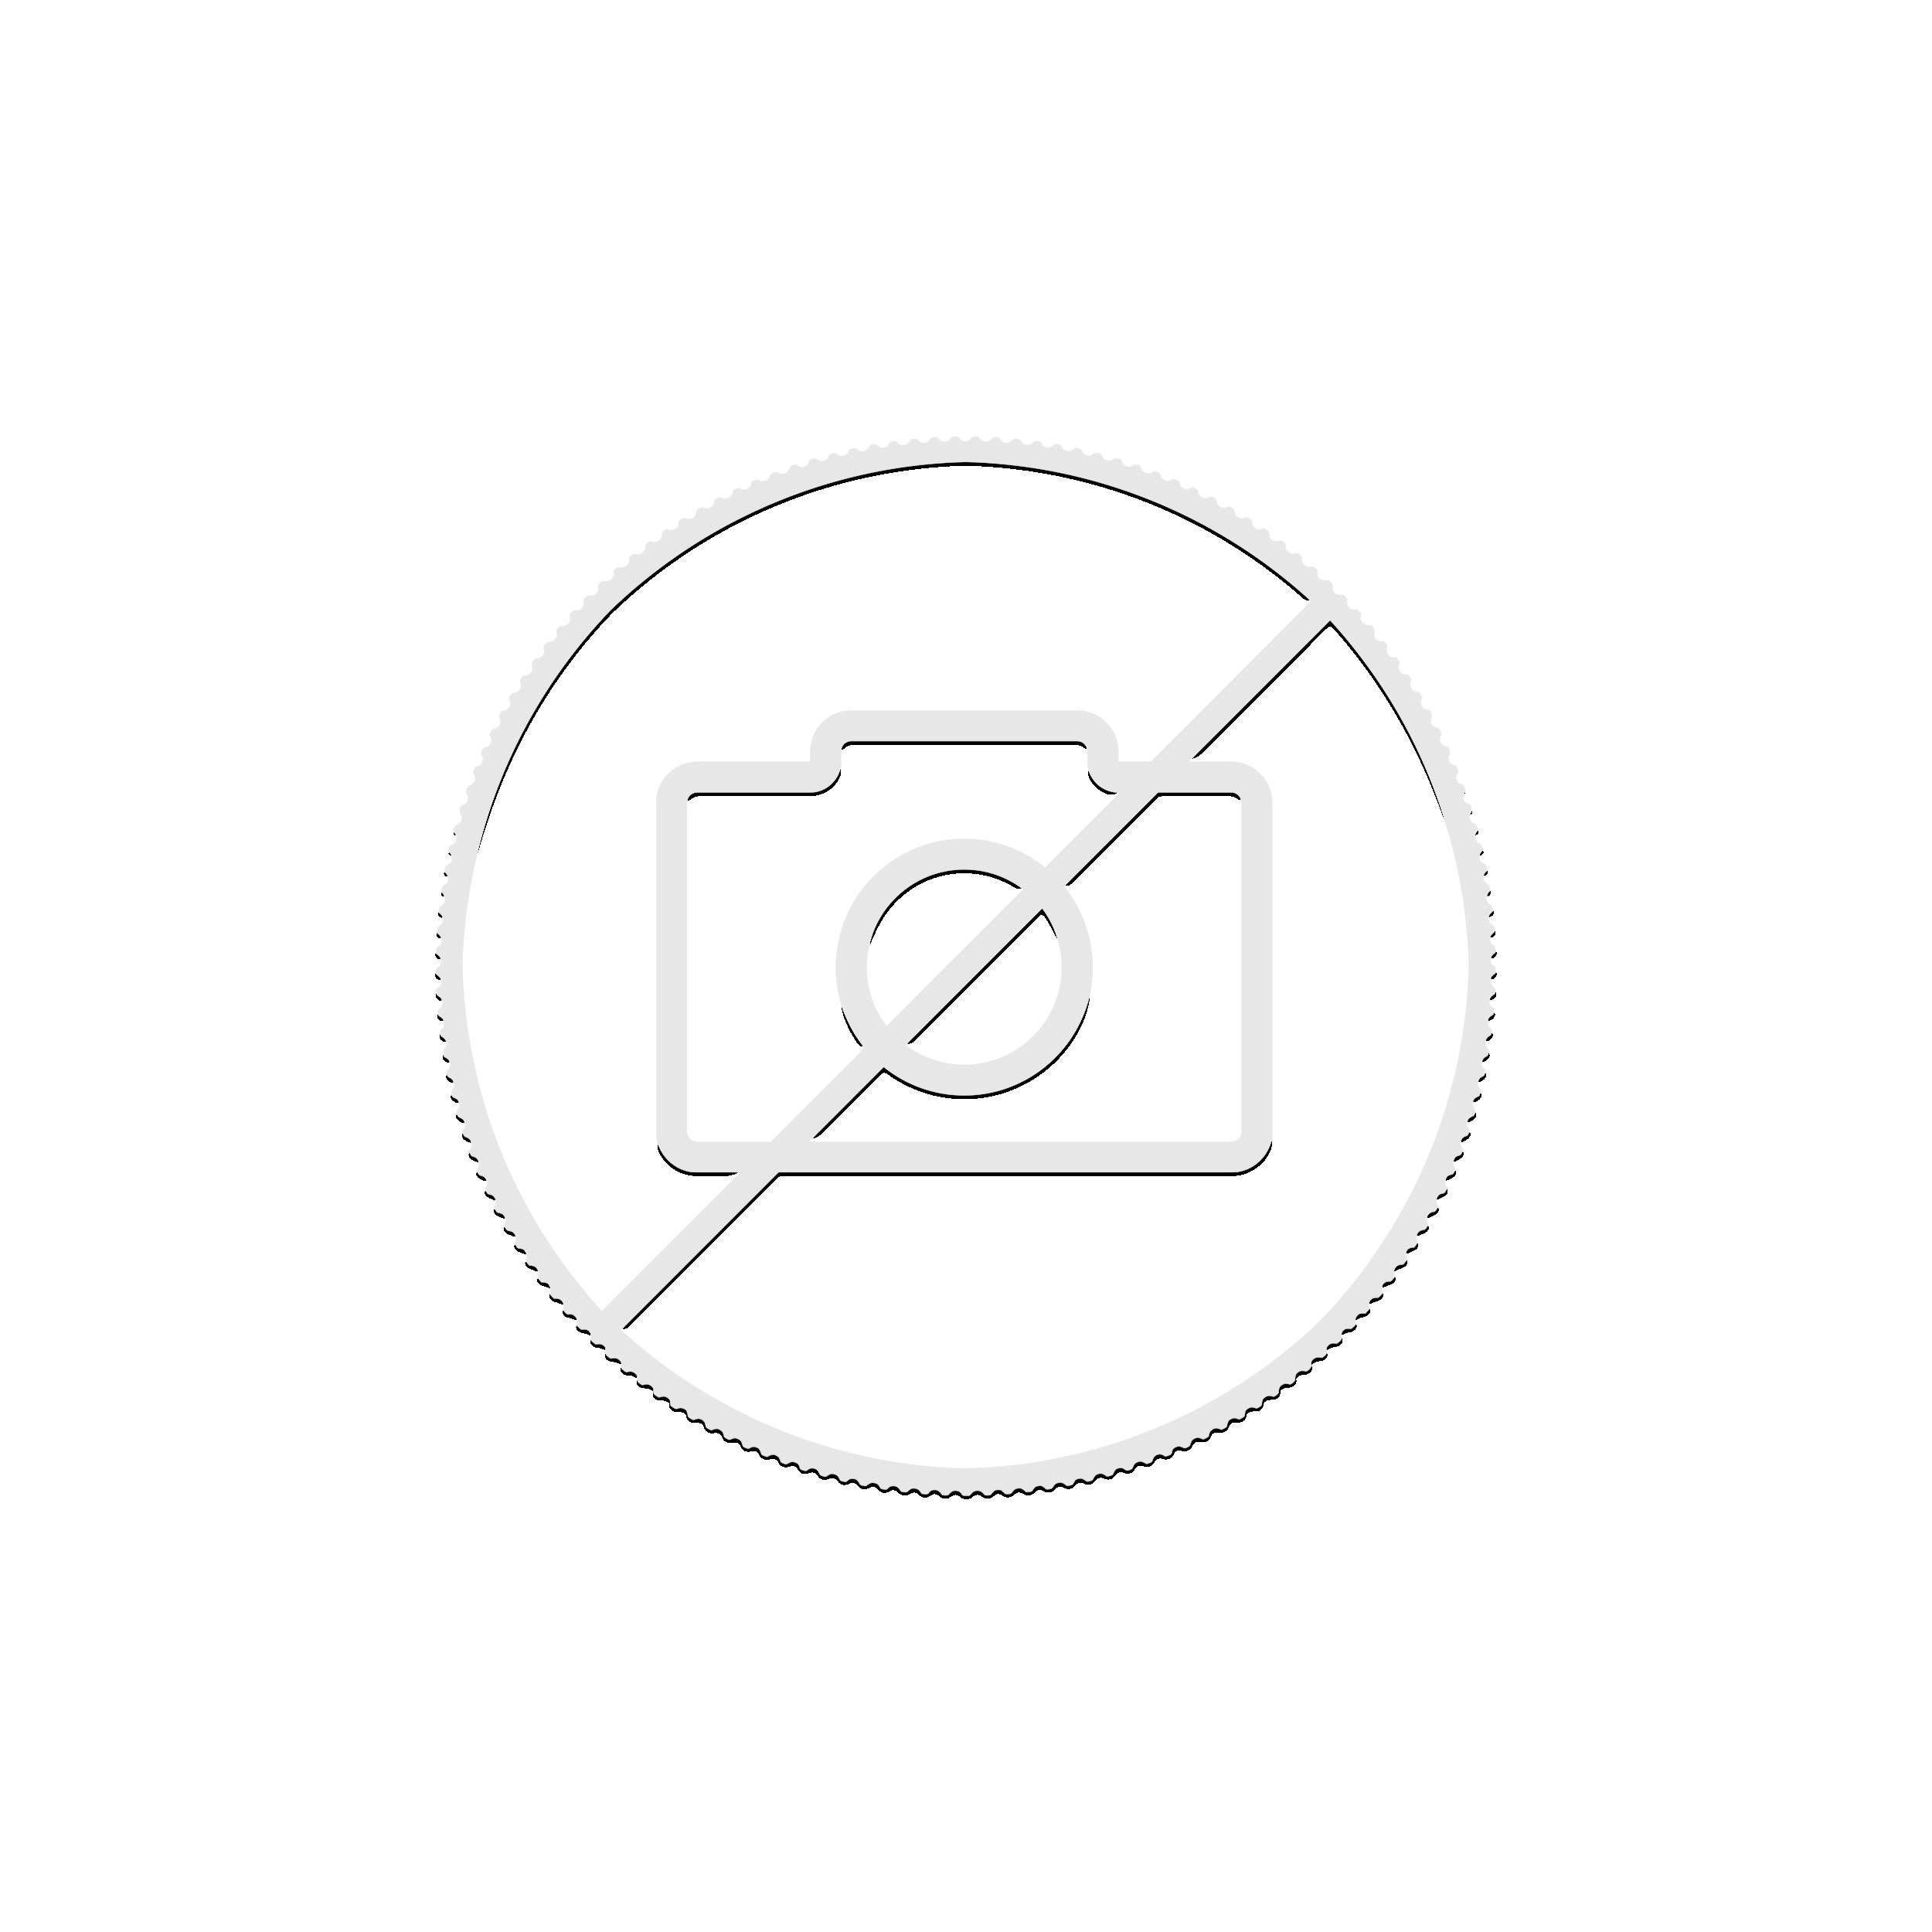 1/2 oz zilveren munt Lunar 2021 Proof